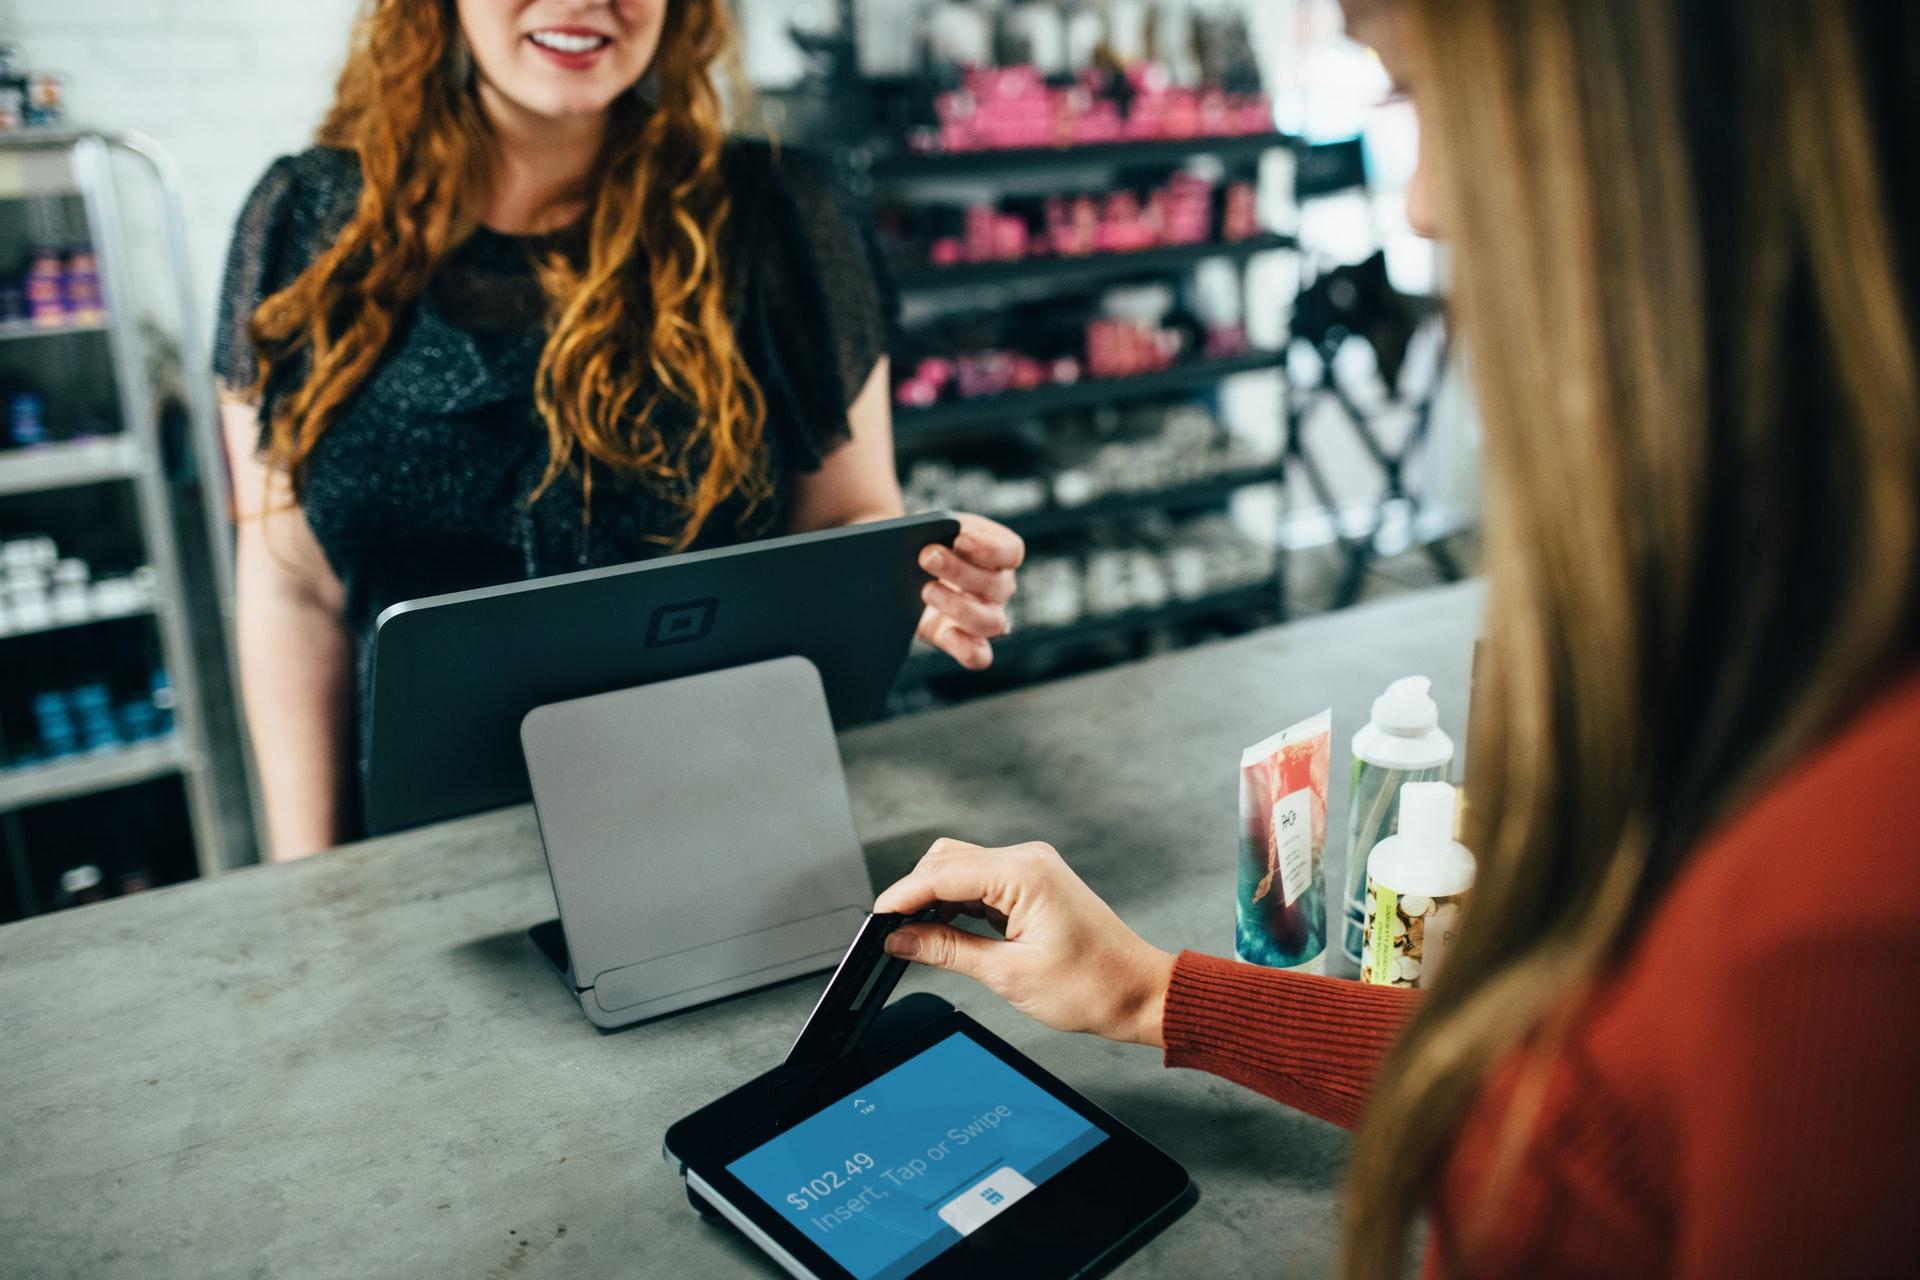 Những người đọc thẻ tín dụng hàng đầu cho các doanh nghiệp vừa và nhỏ là gì?